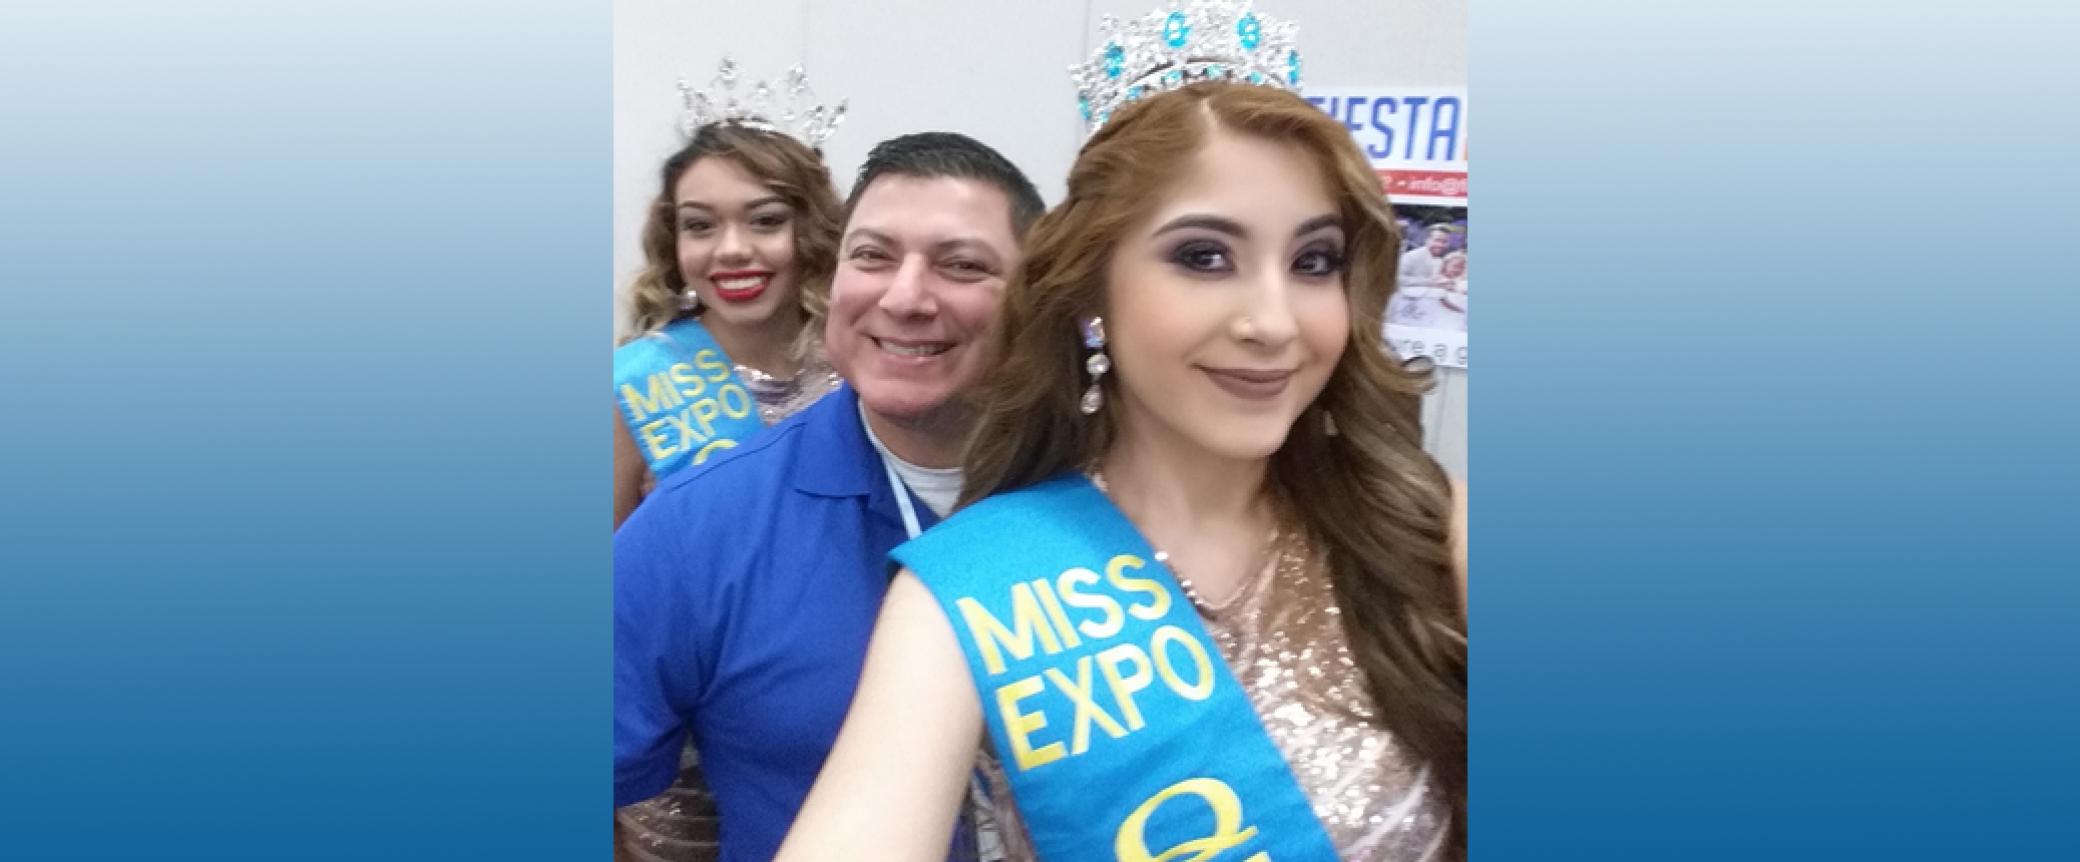 Quinceañera Expo 2016